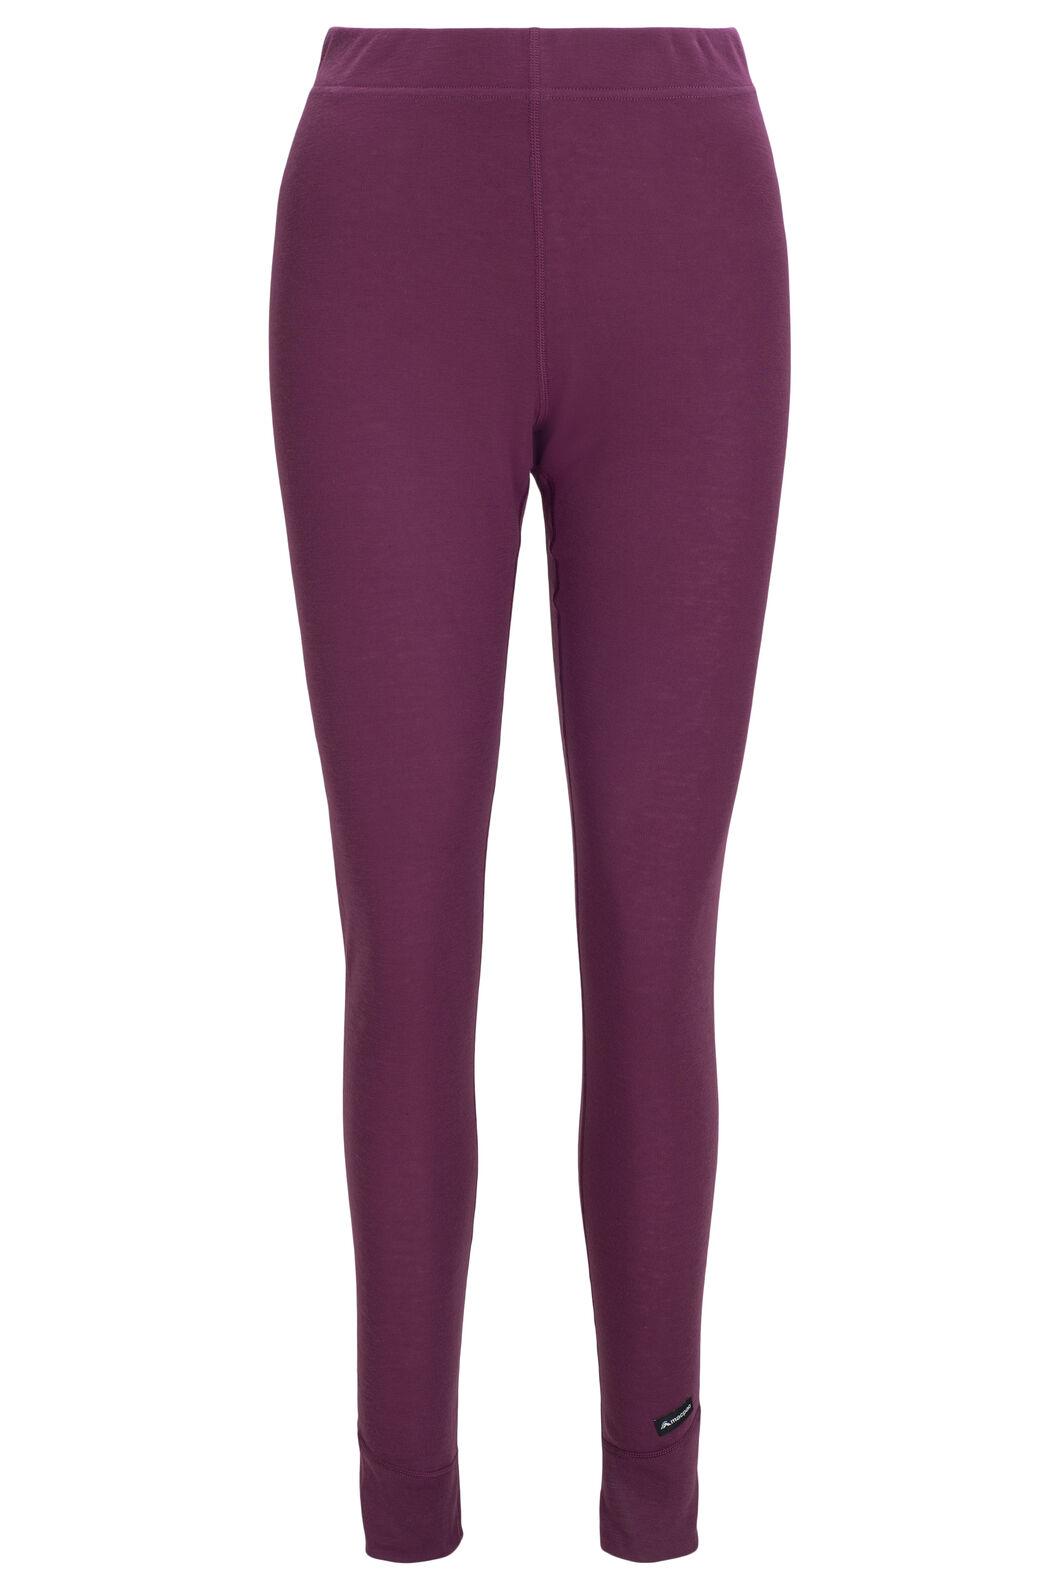 Macpac Geothermal Pants — Women's, Amaranth, hi-res